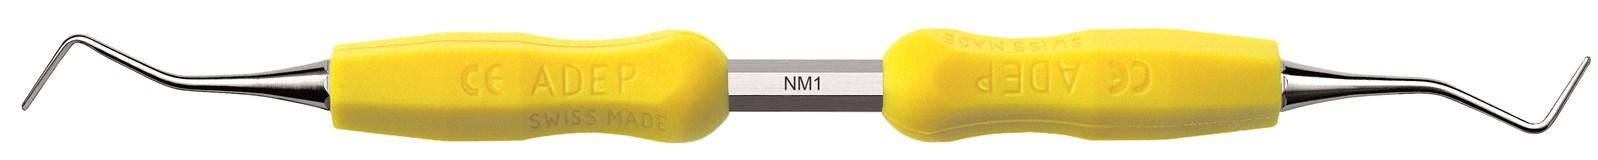 Lžičkové dlátko - NM1, ADEP šedý